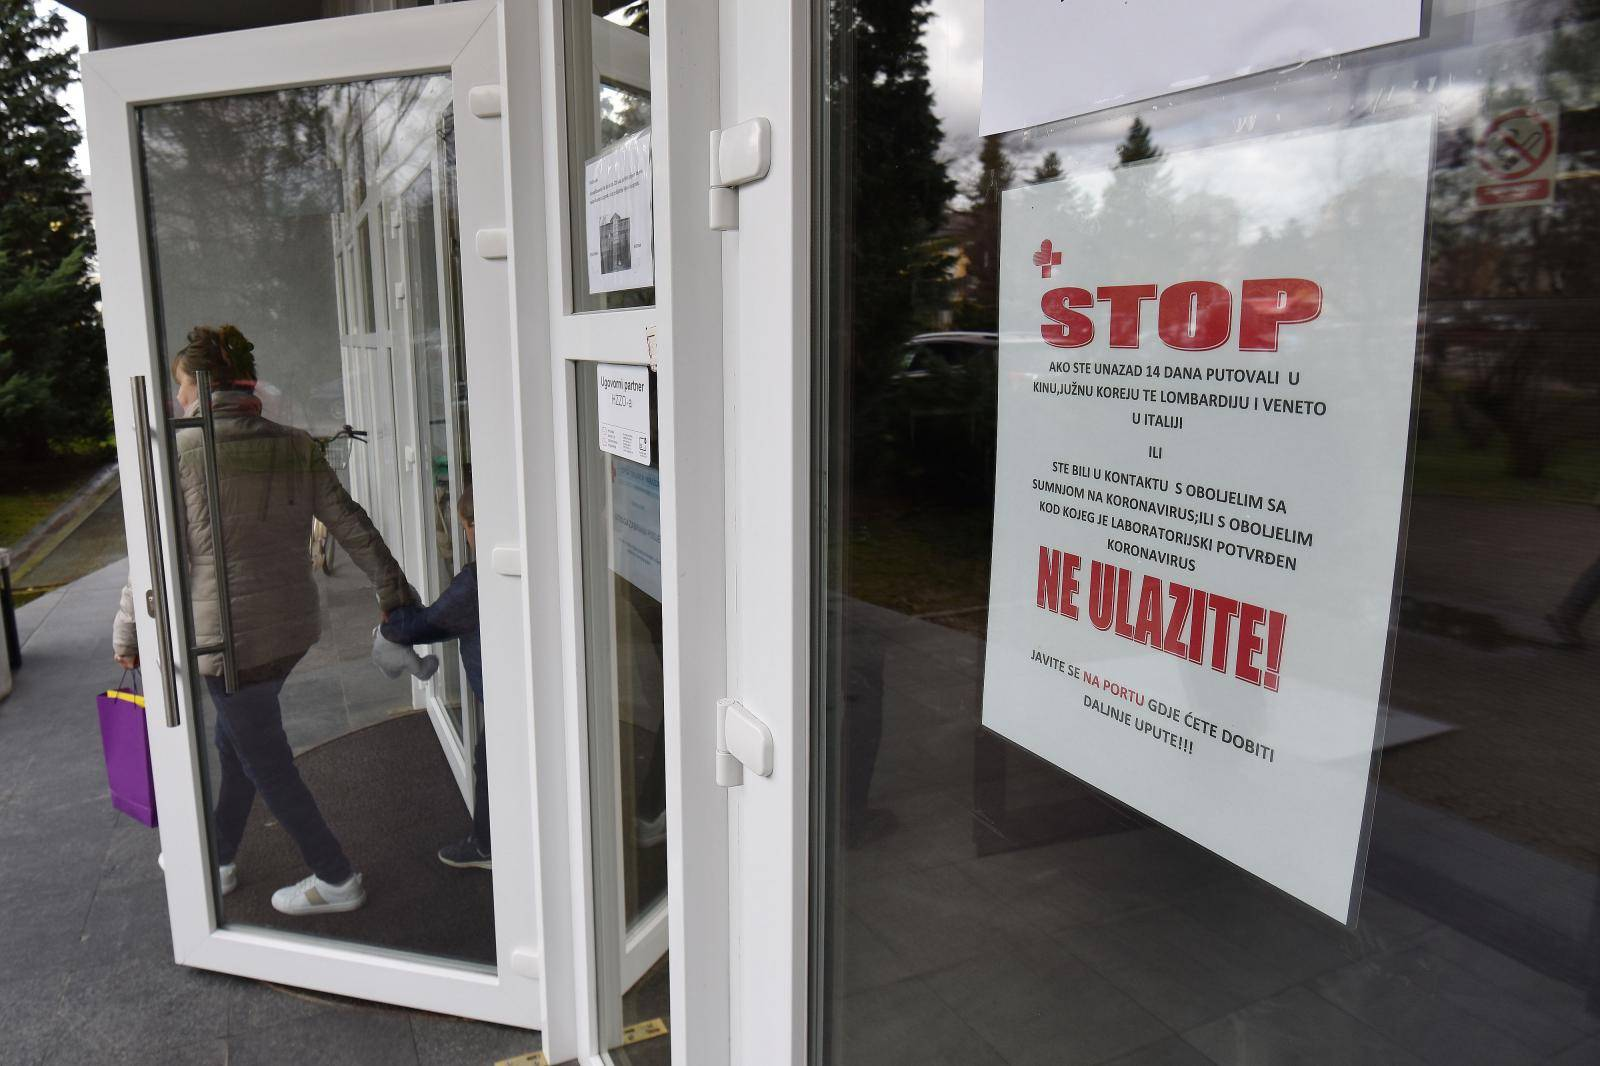 Jedna osoba pozitivna je na koronavirus u Varaždinu